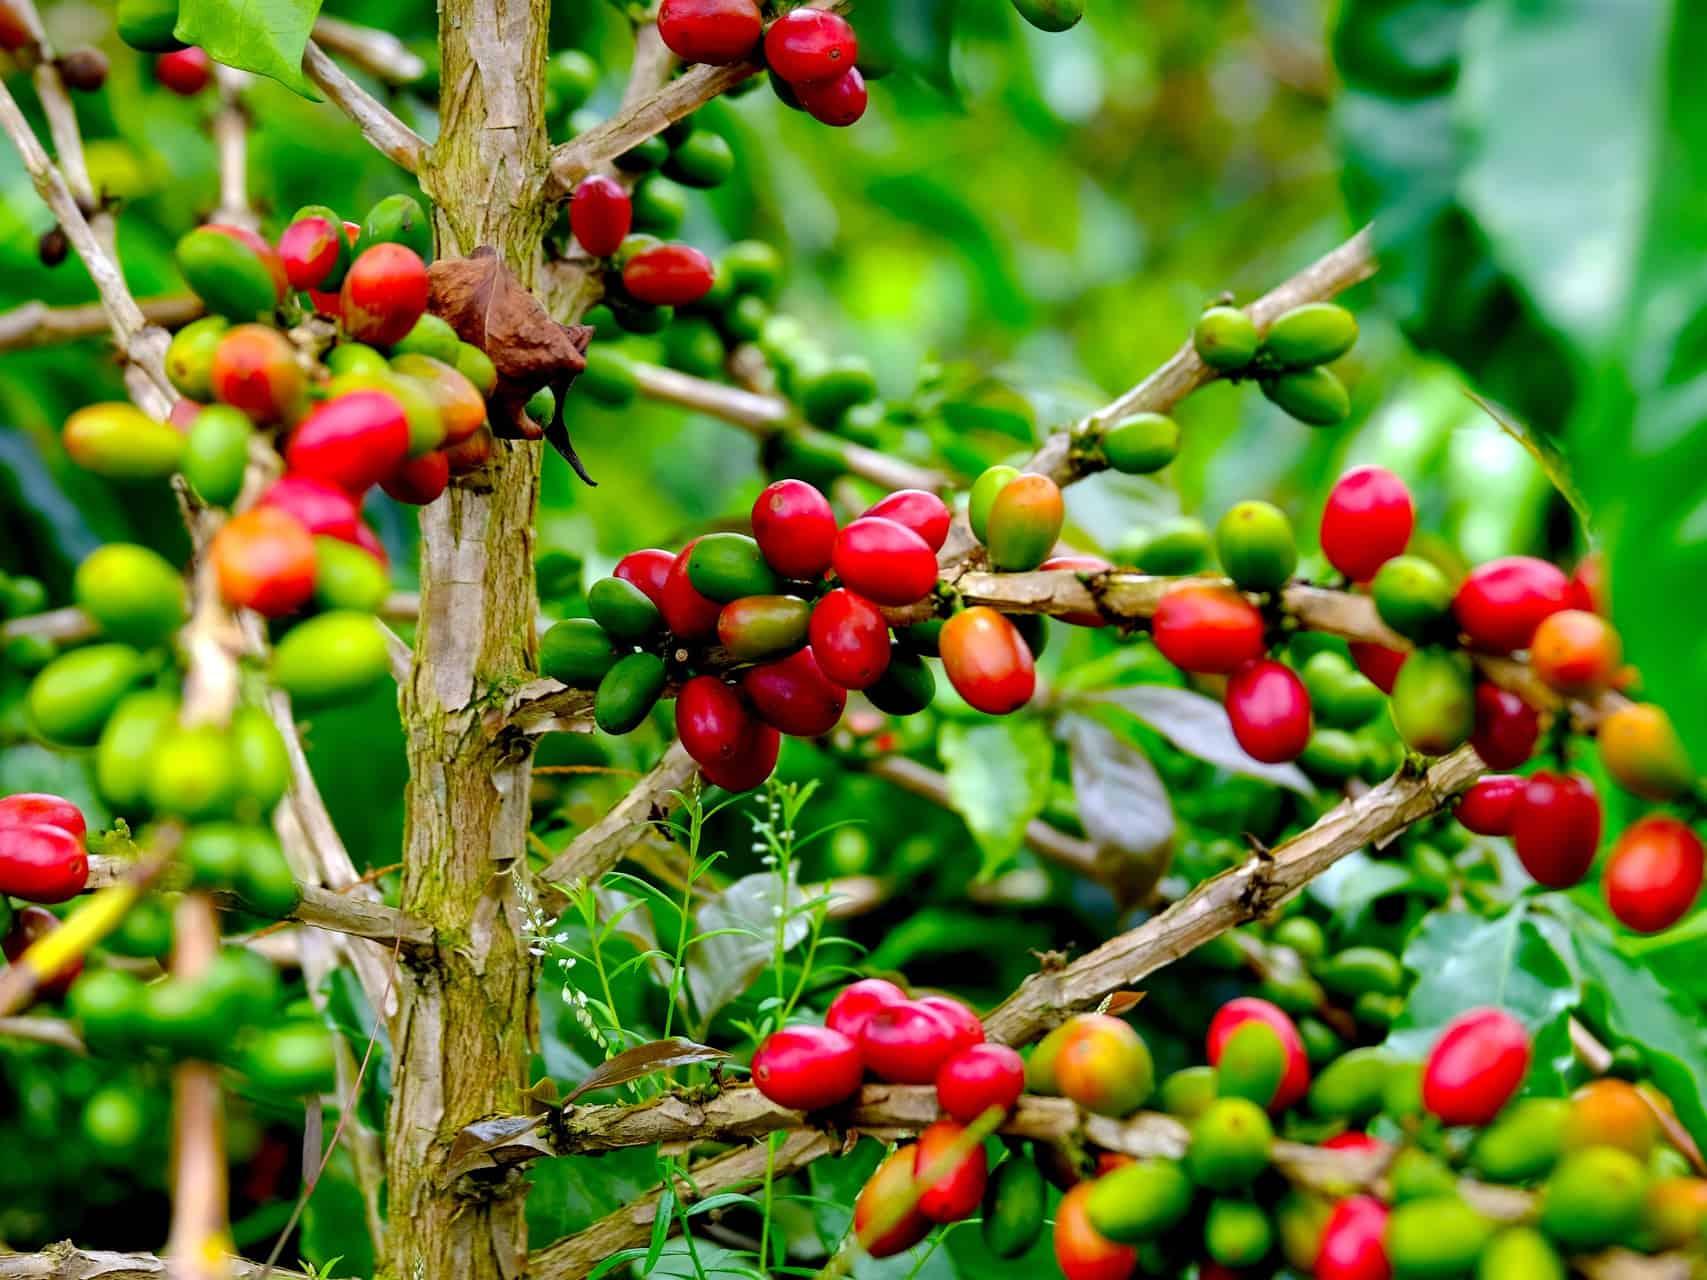 SUMATRA COFFE AT LAKE TOBA - SUMATRA HIGHLIGHTS BY SUMATRA ECOTRAVEL